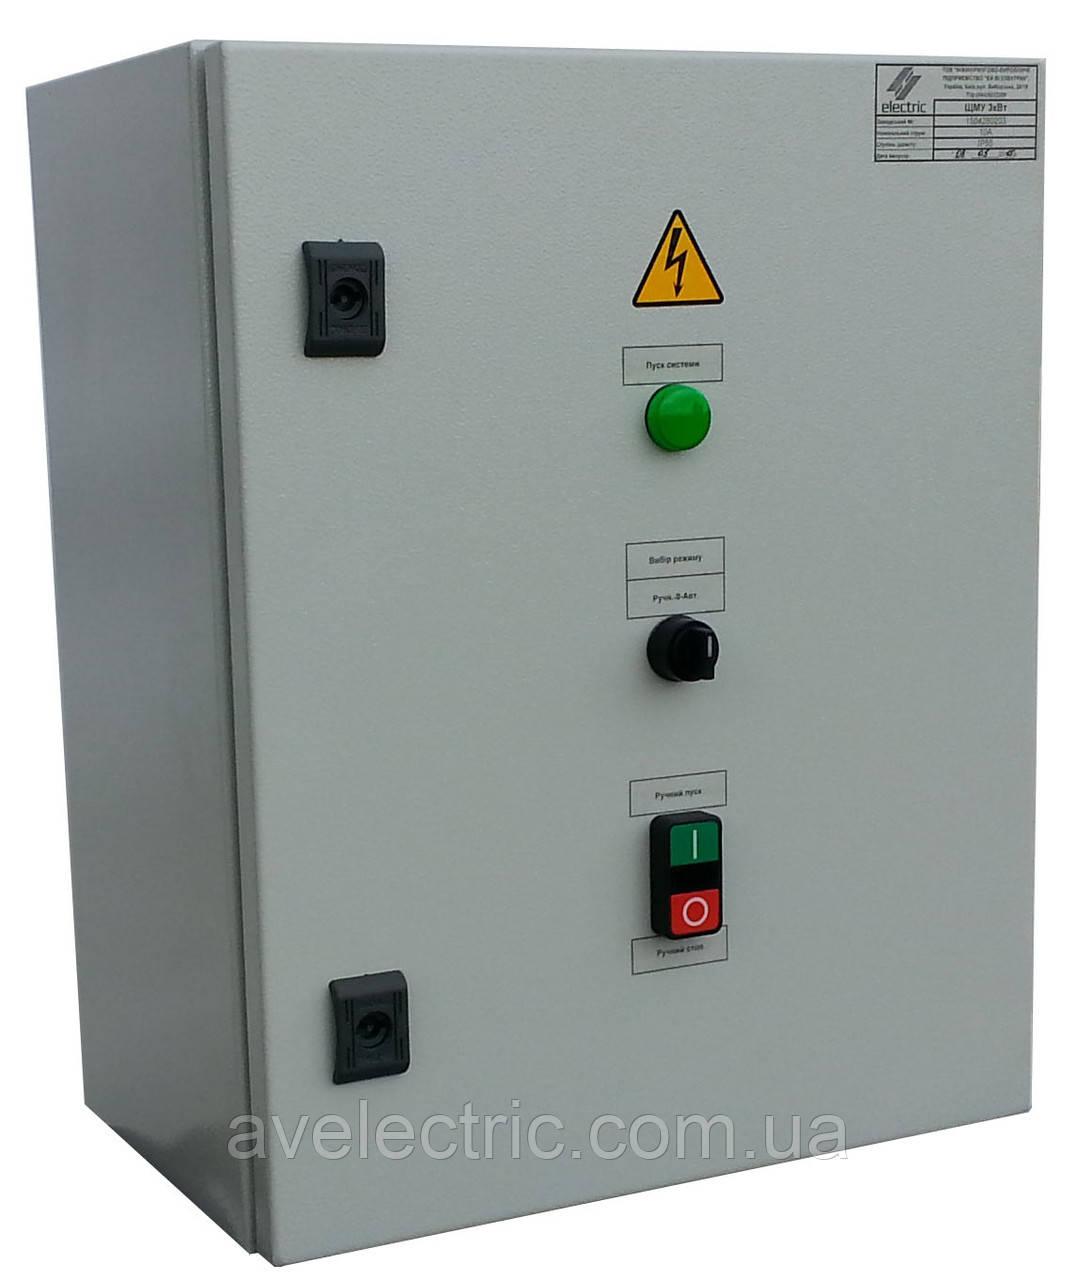 Ящик управления электродвигателем Я5410-3874-54У3